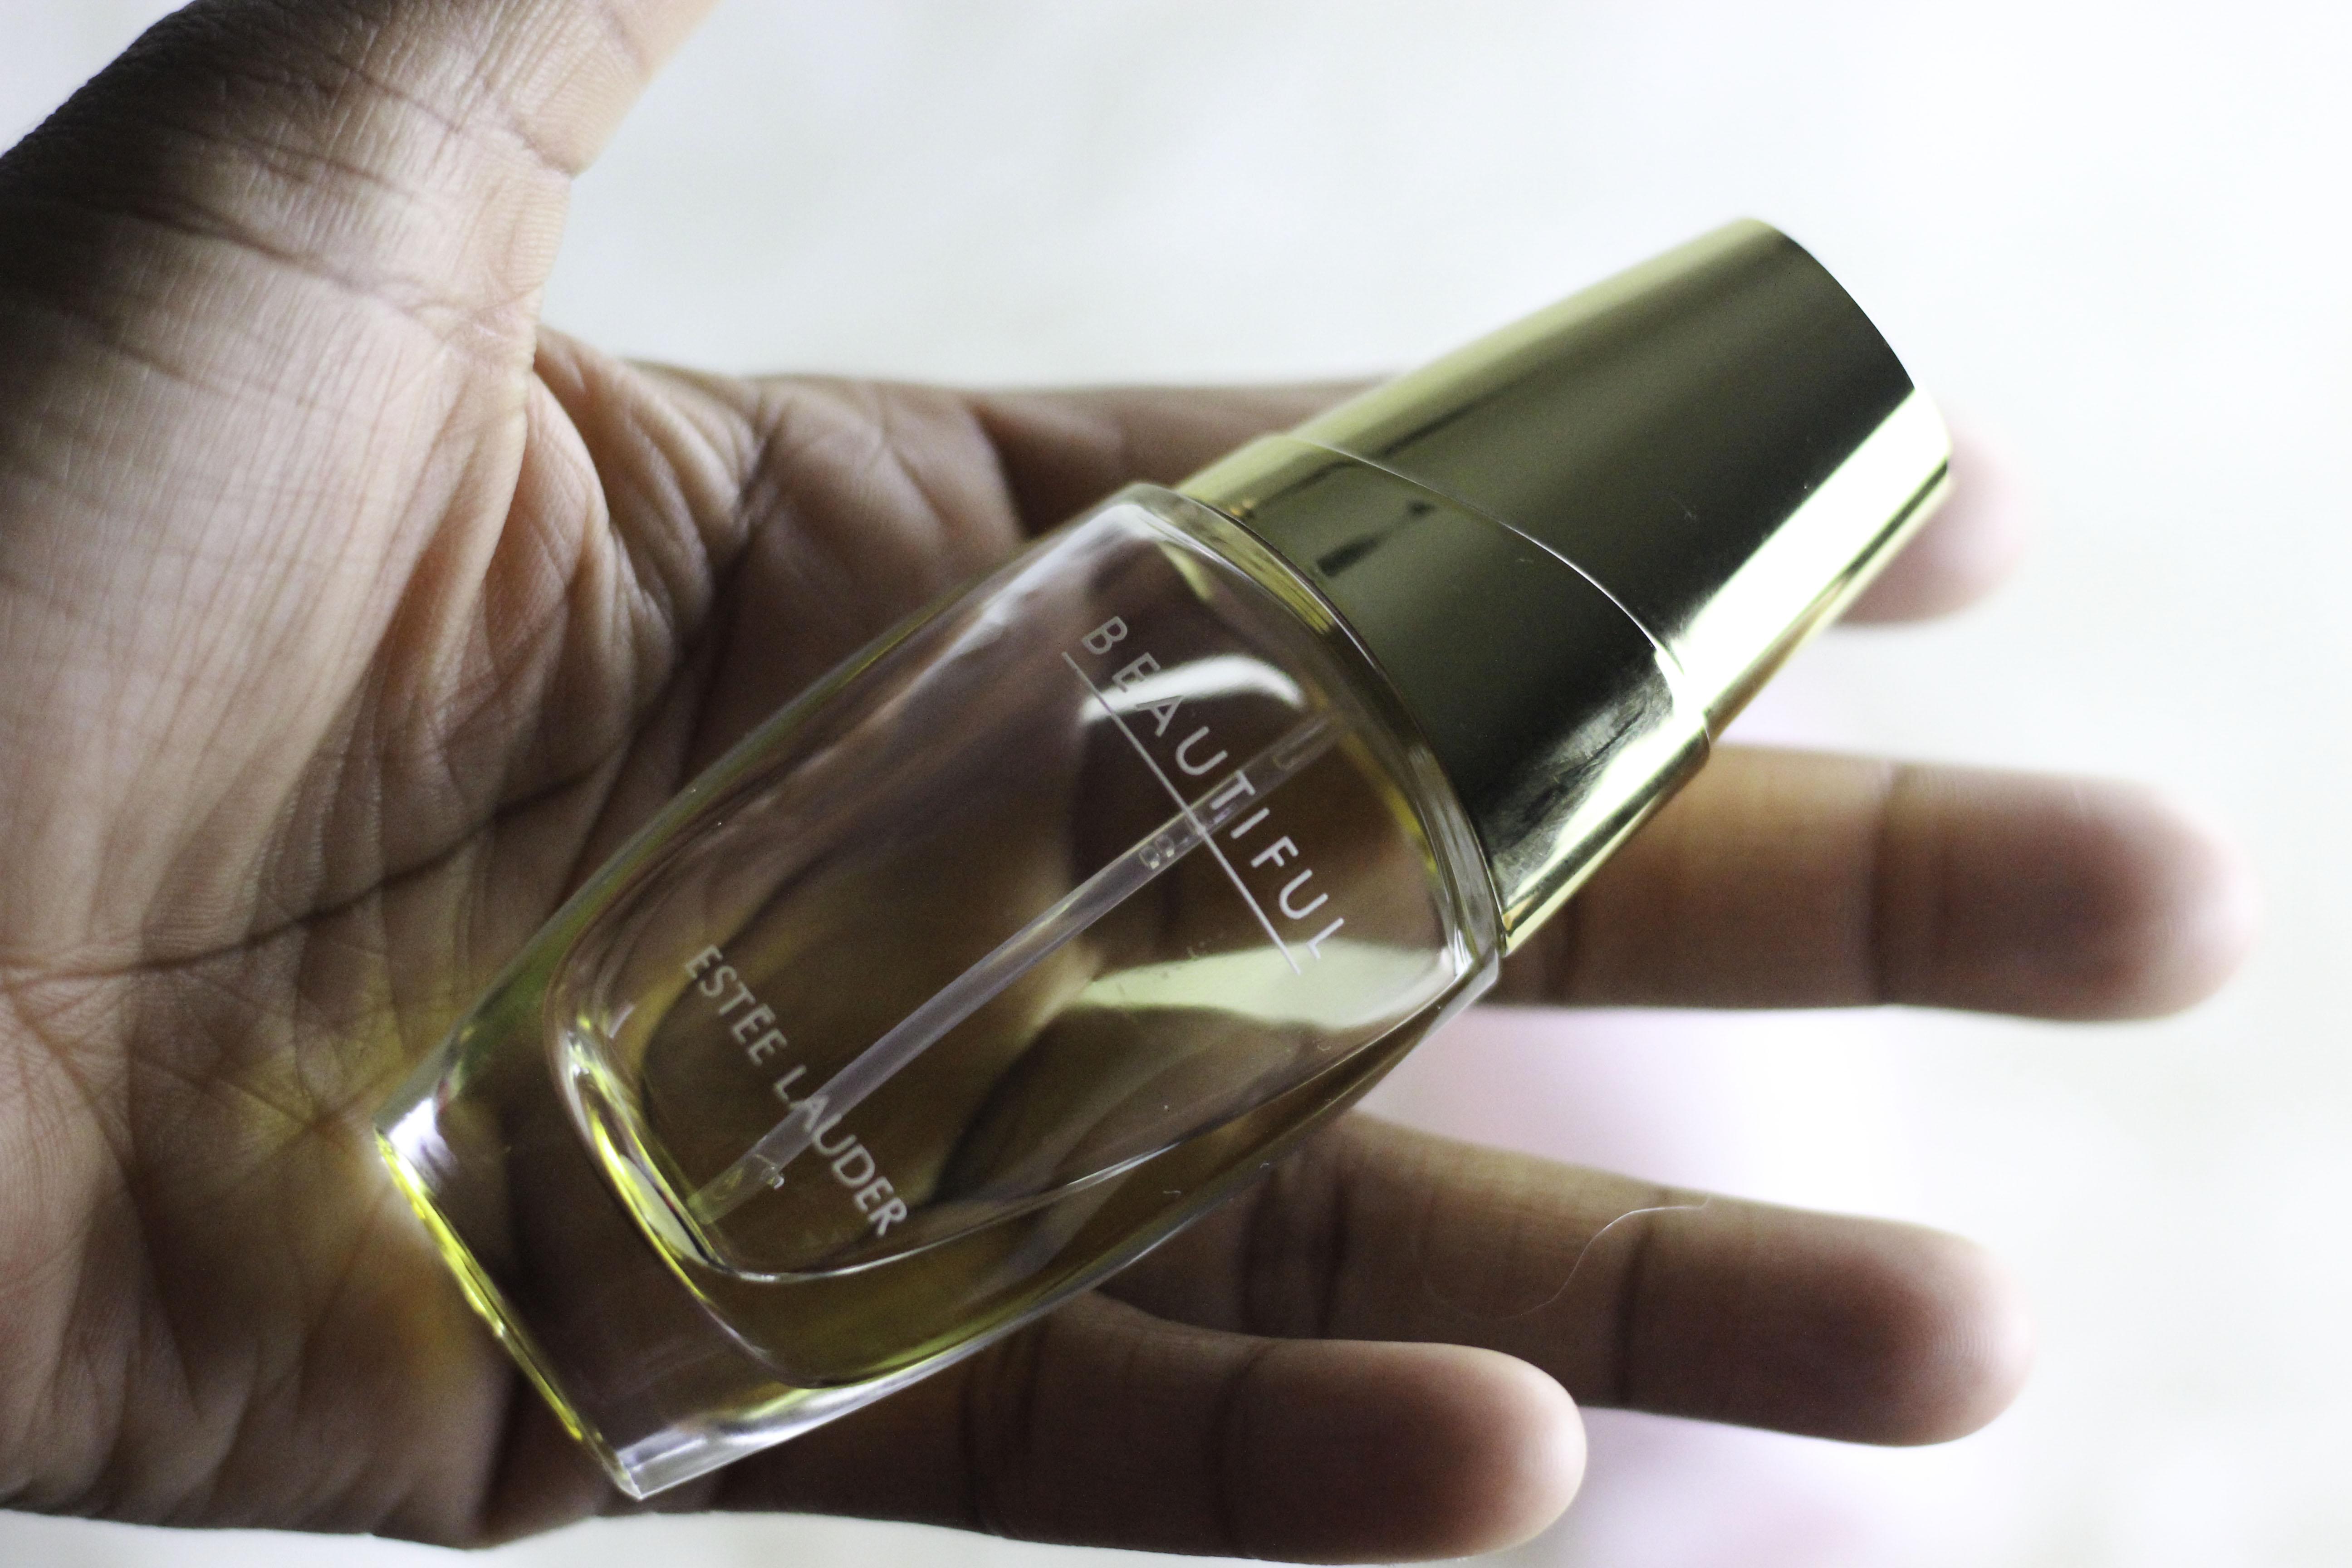 Product Review Este Lauder Beautiful Eau De Parfum Fragrance Gift Estee Women 75ml Perfume Image